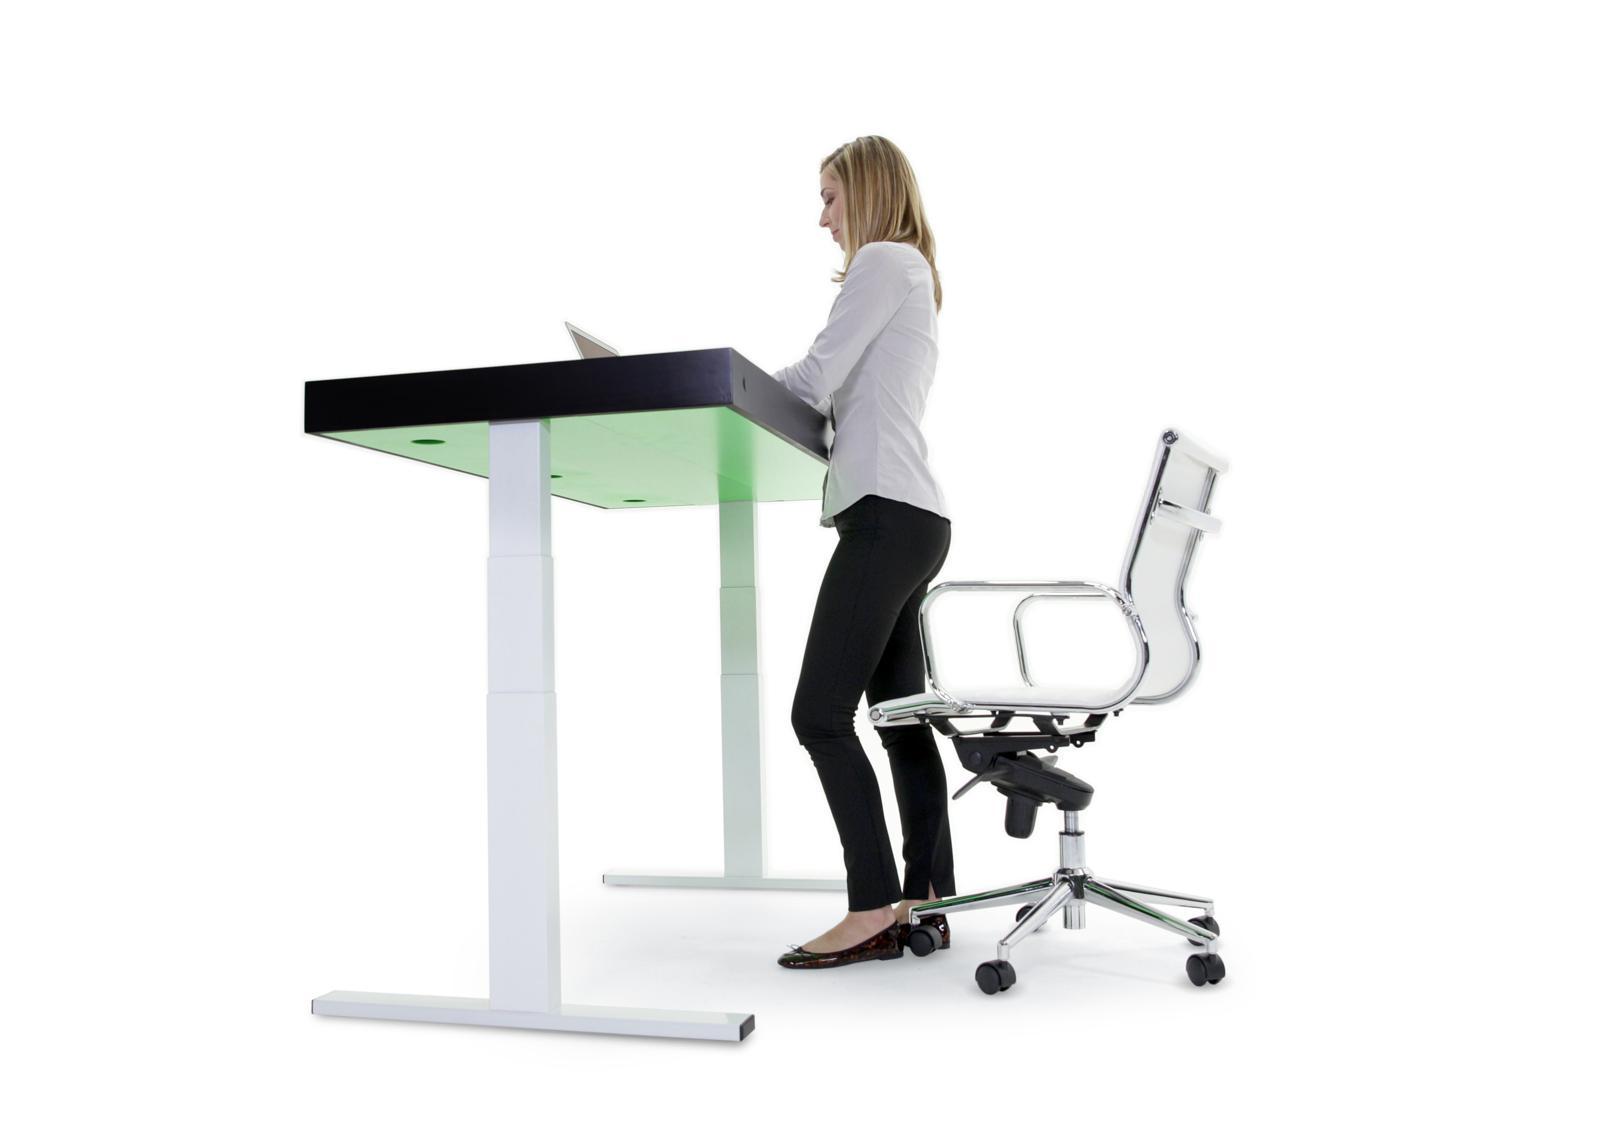 Sitz-Steh-Tisch Stir Kinetic Desk F1: Nur bellen kann er nicht